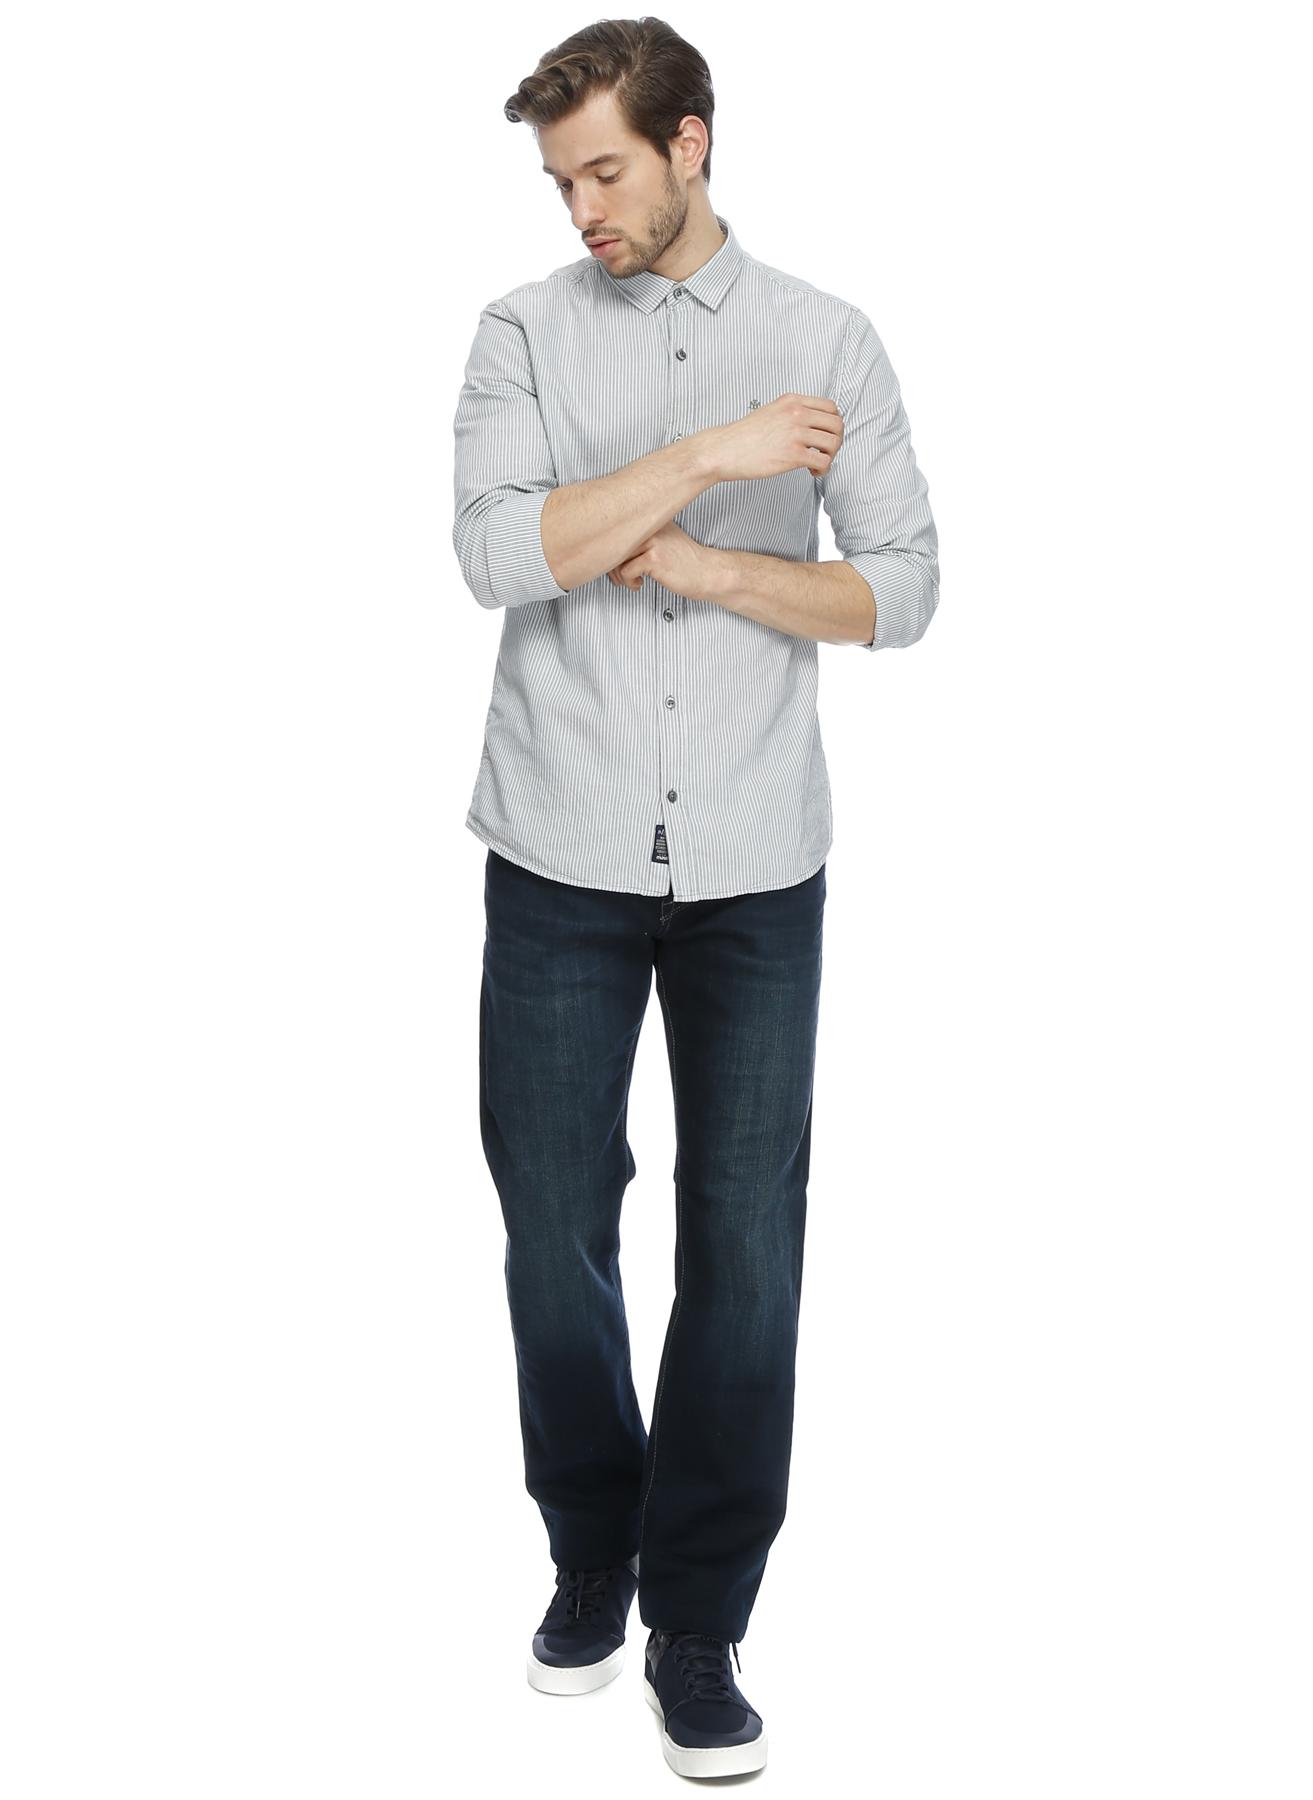 Mavi Martin Mavi Black Koyu Mavi Klasik Pantolon 34-32 5001819970026 Ürün Resmi